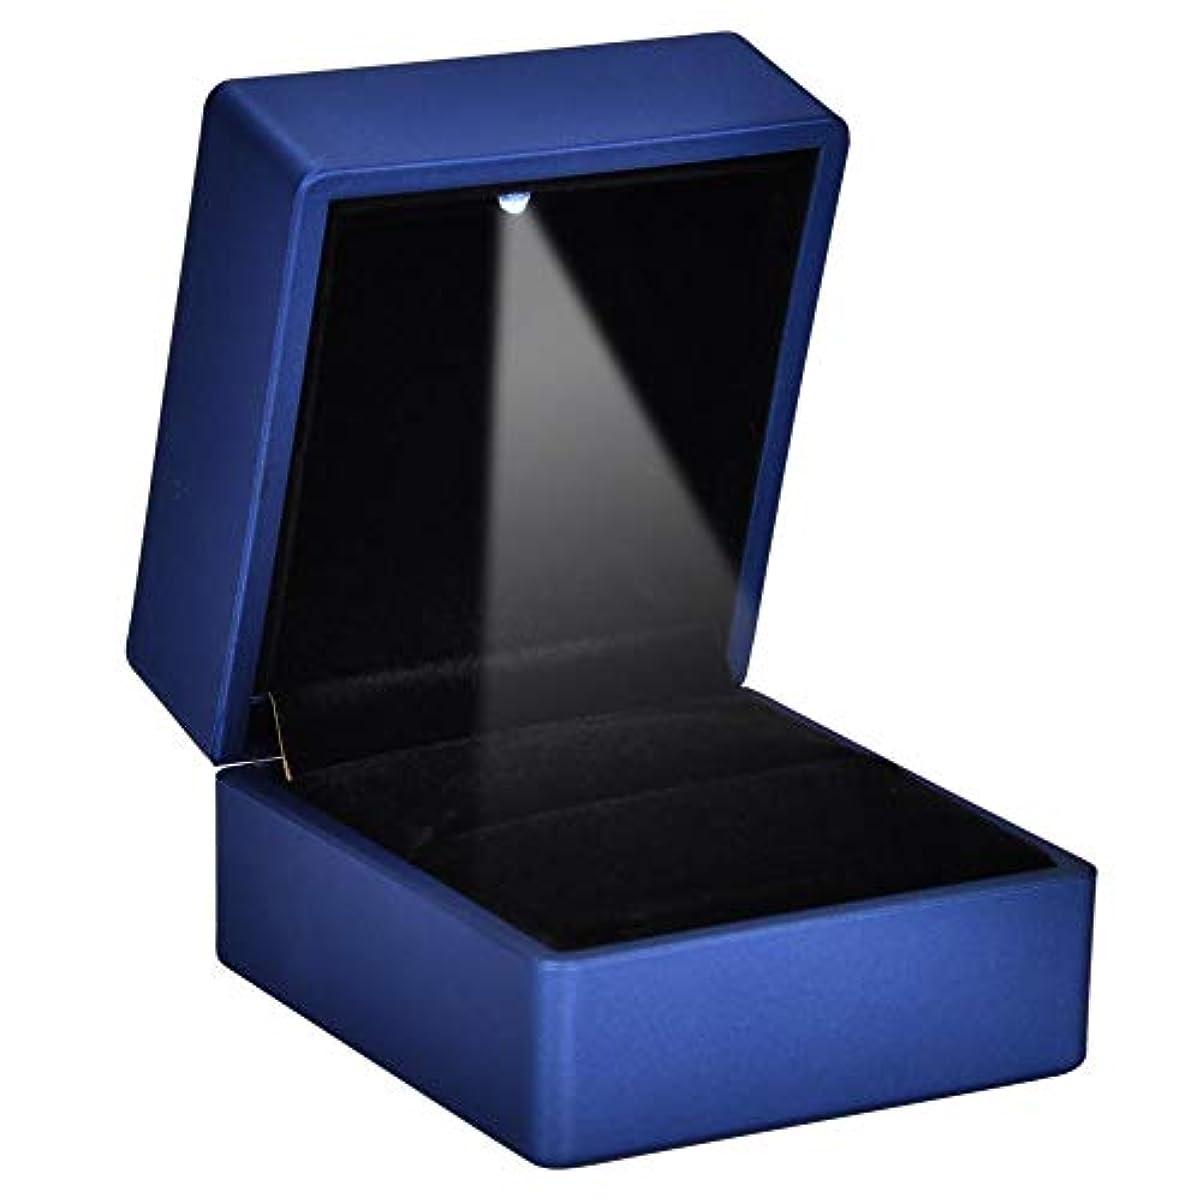 仕える降下識別する2種類ファッショナブルなLEDリングボックス - 内部LED照明付きリングケース、ジュエリーホルダーリング収納ケース、結婚式の提案(ブルー-90 * 70 * 35)